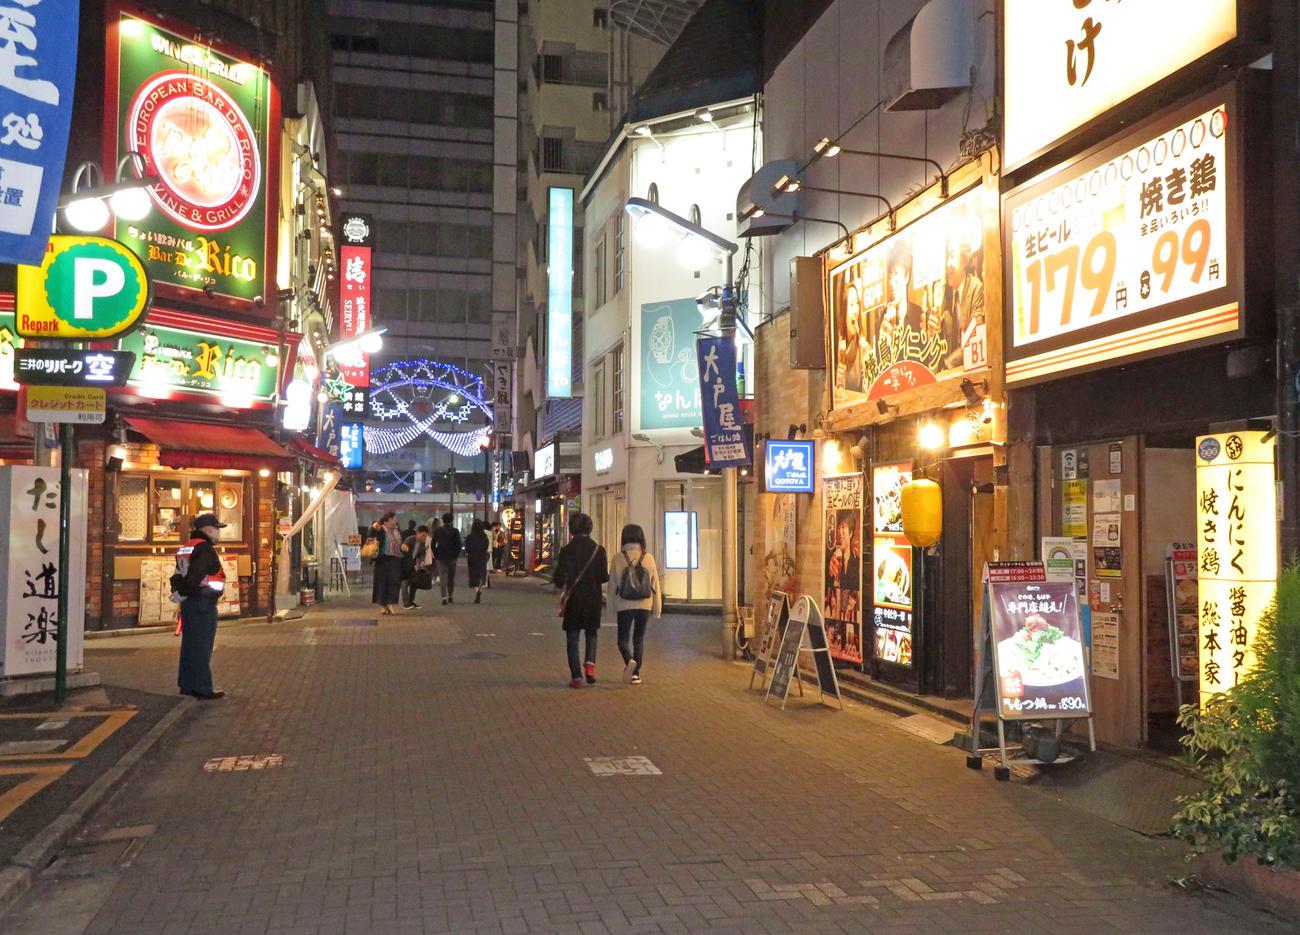 時短要請を受けた初日、人通りが少なく閑散としている池袋のサンシャイン中央通り(撮影・沢田直人)